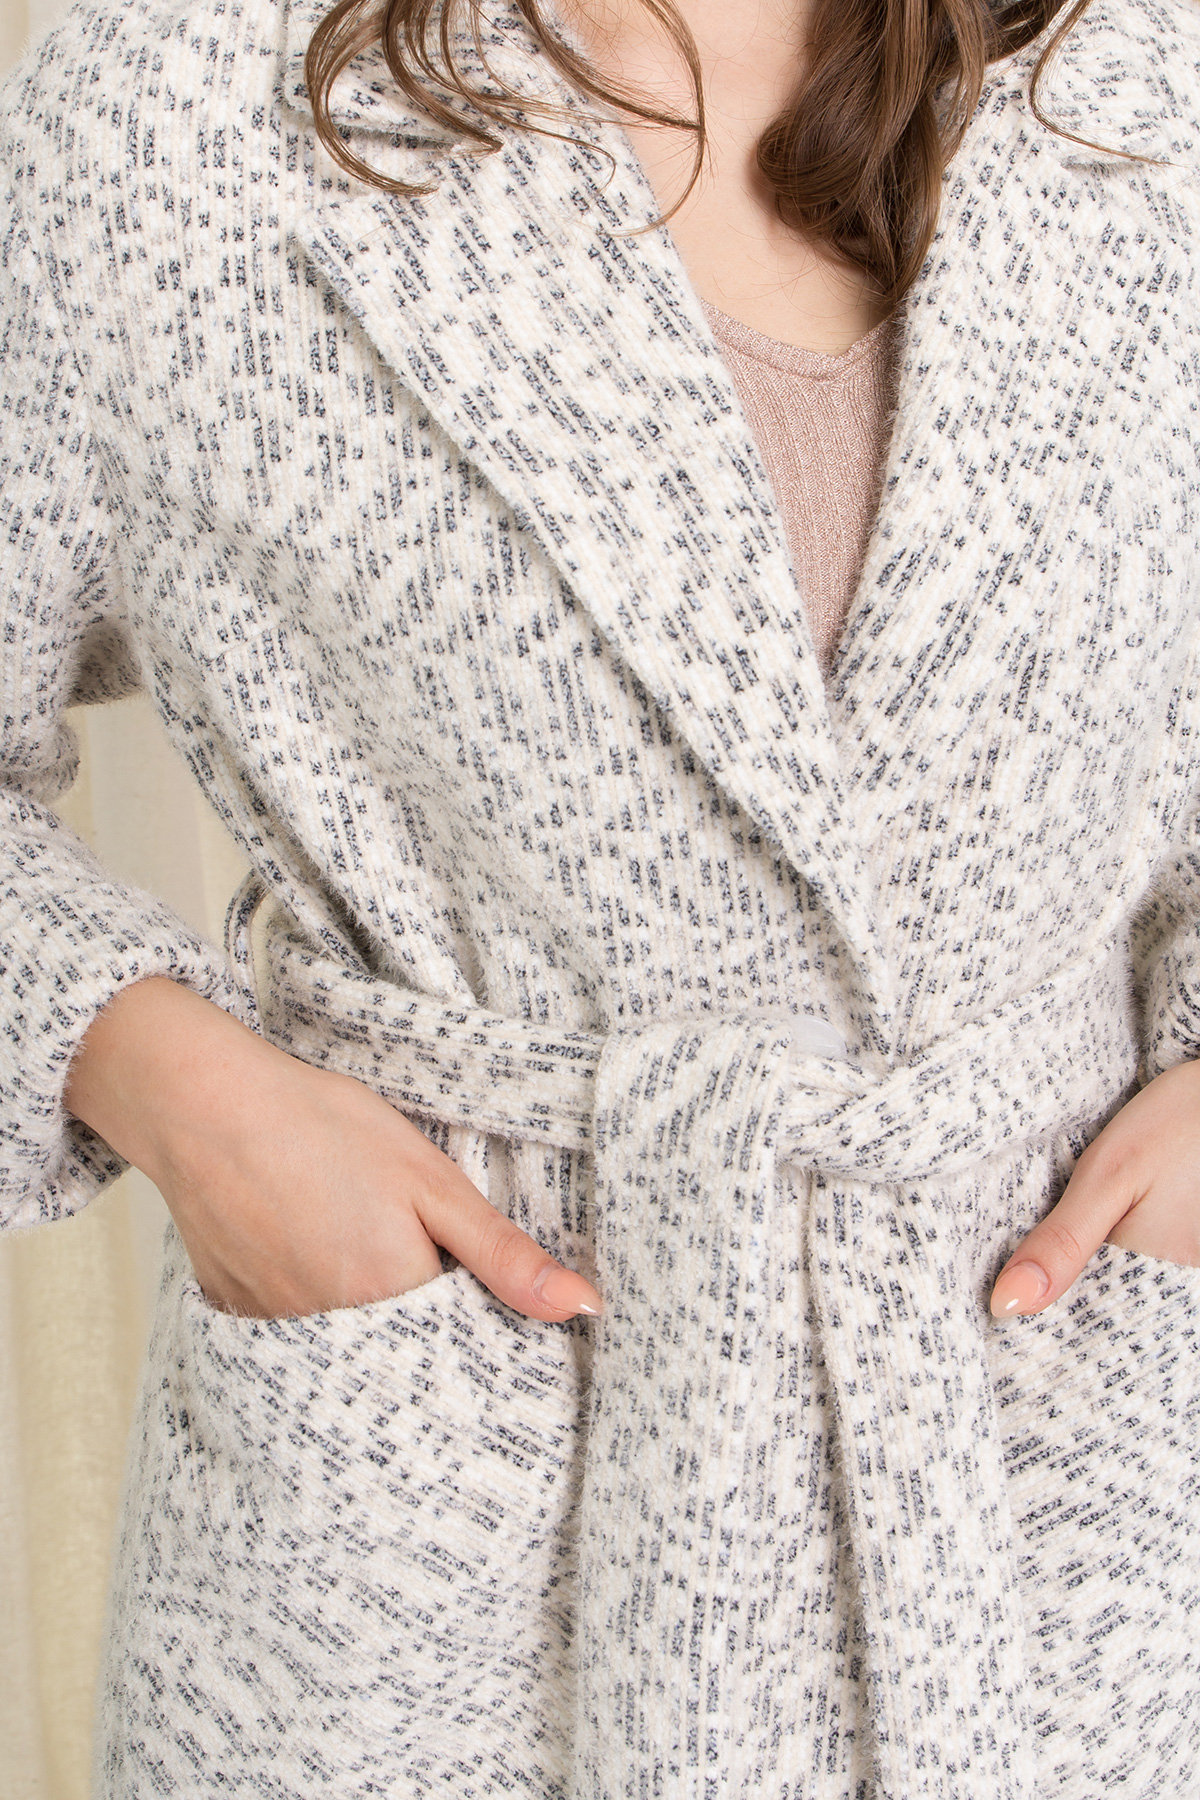 Пальто Живанши 9000 АРТ. 45308 Цвет: Рябь Беж/молоко/серый - фото 5, интернет магазин tm-modus.ru